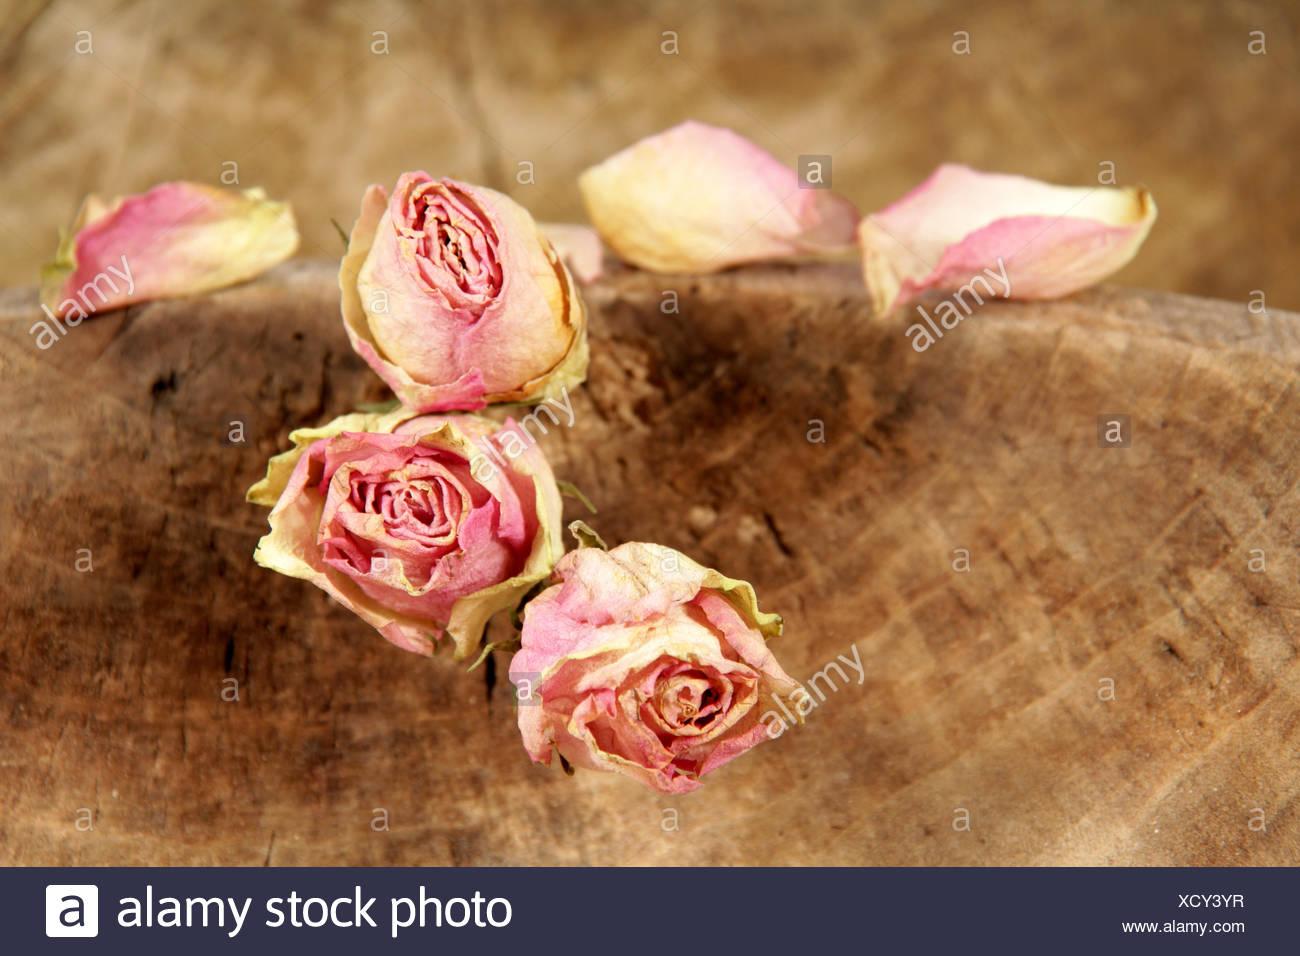 Nostalgia rosas bodegón Imagen De Stock